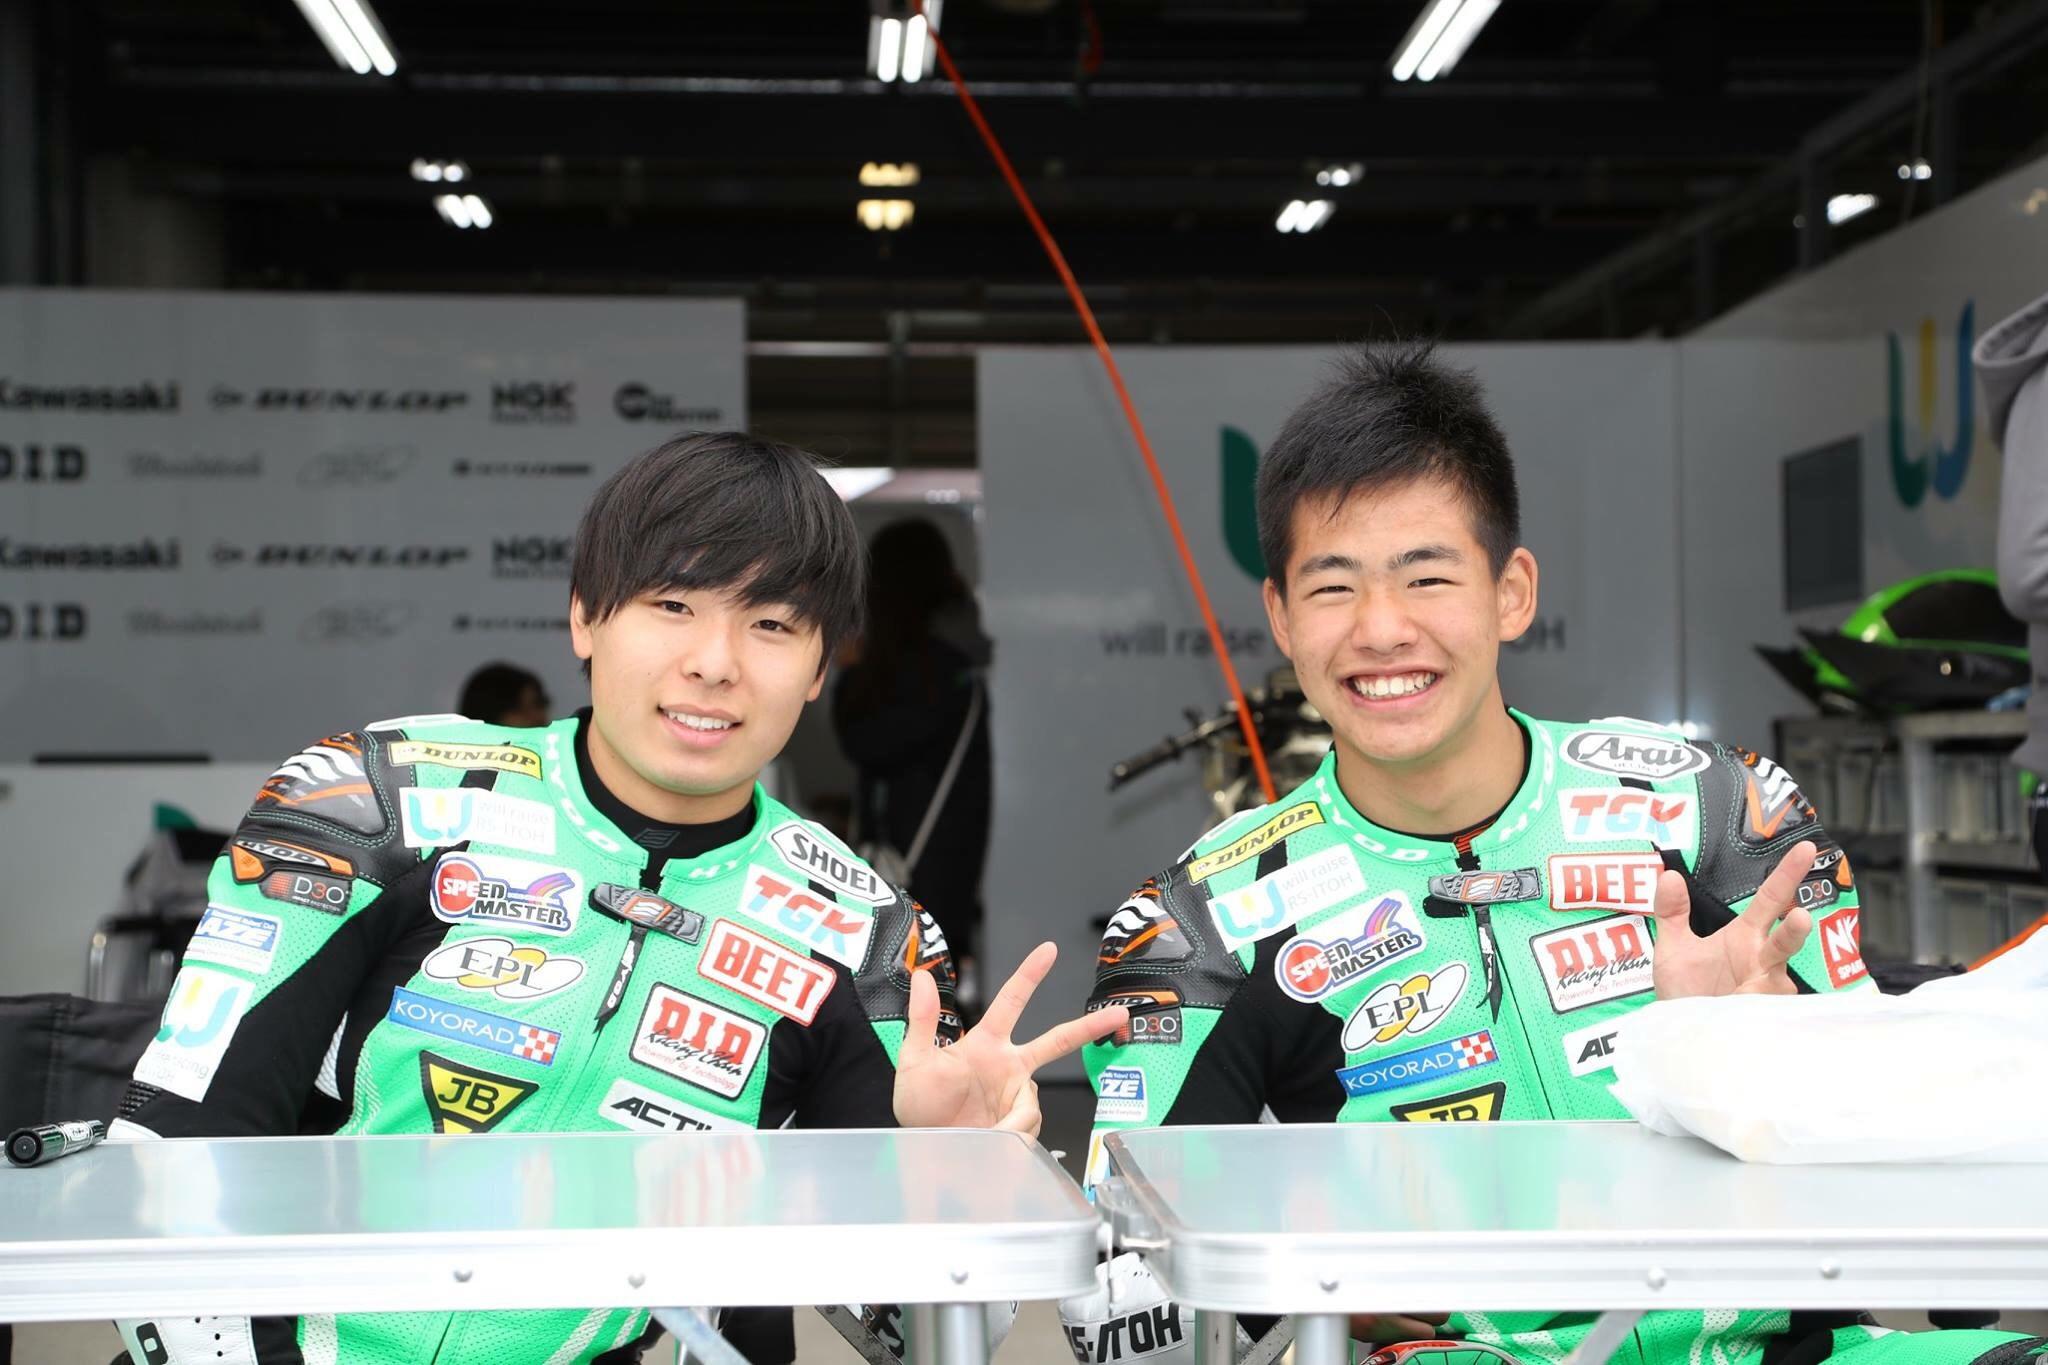 Motorzに全日本ロードレース選手権Rd.1決勝レースの取材記事が公開されました。